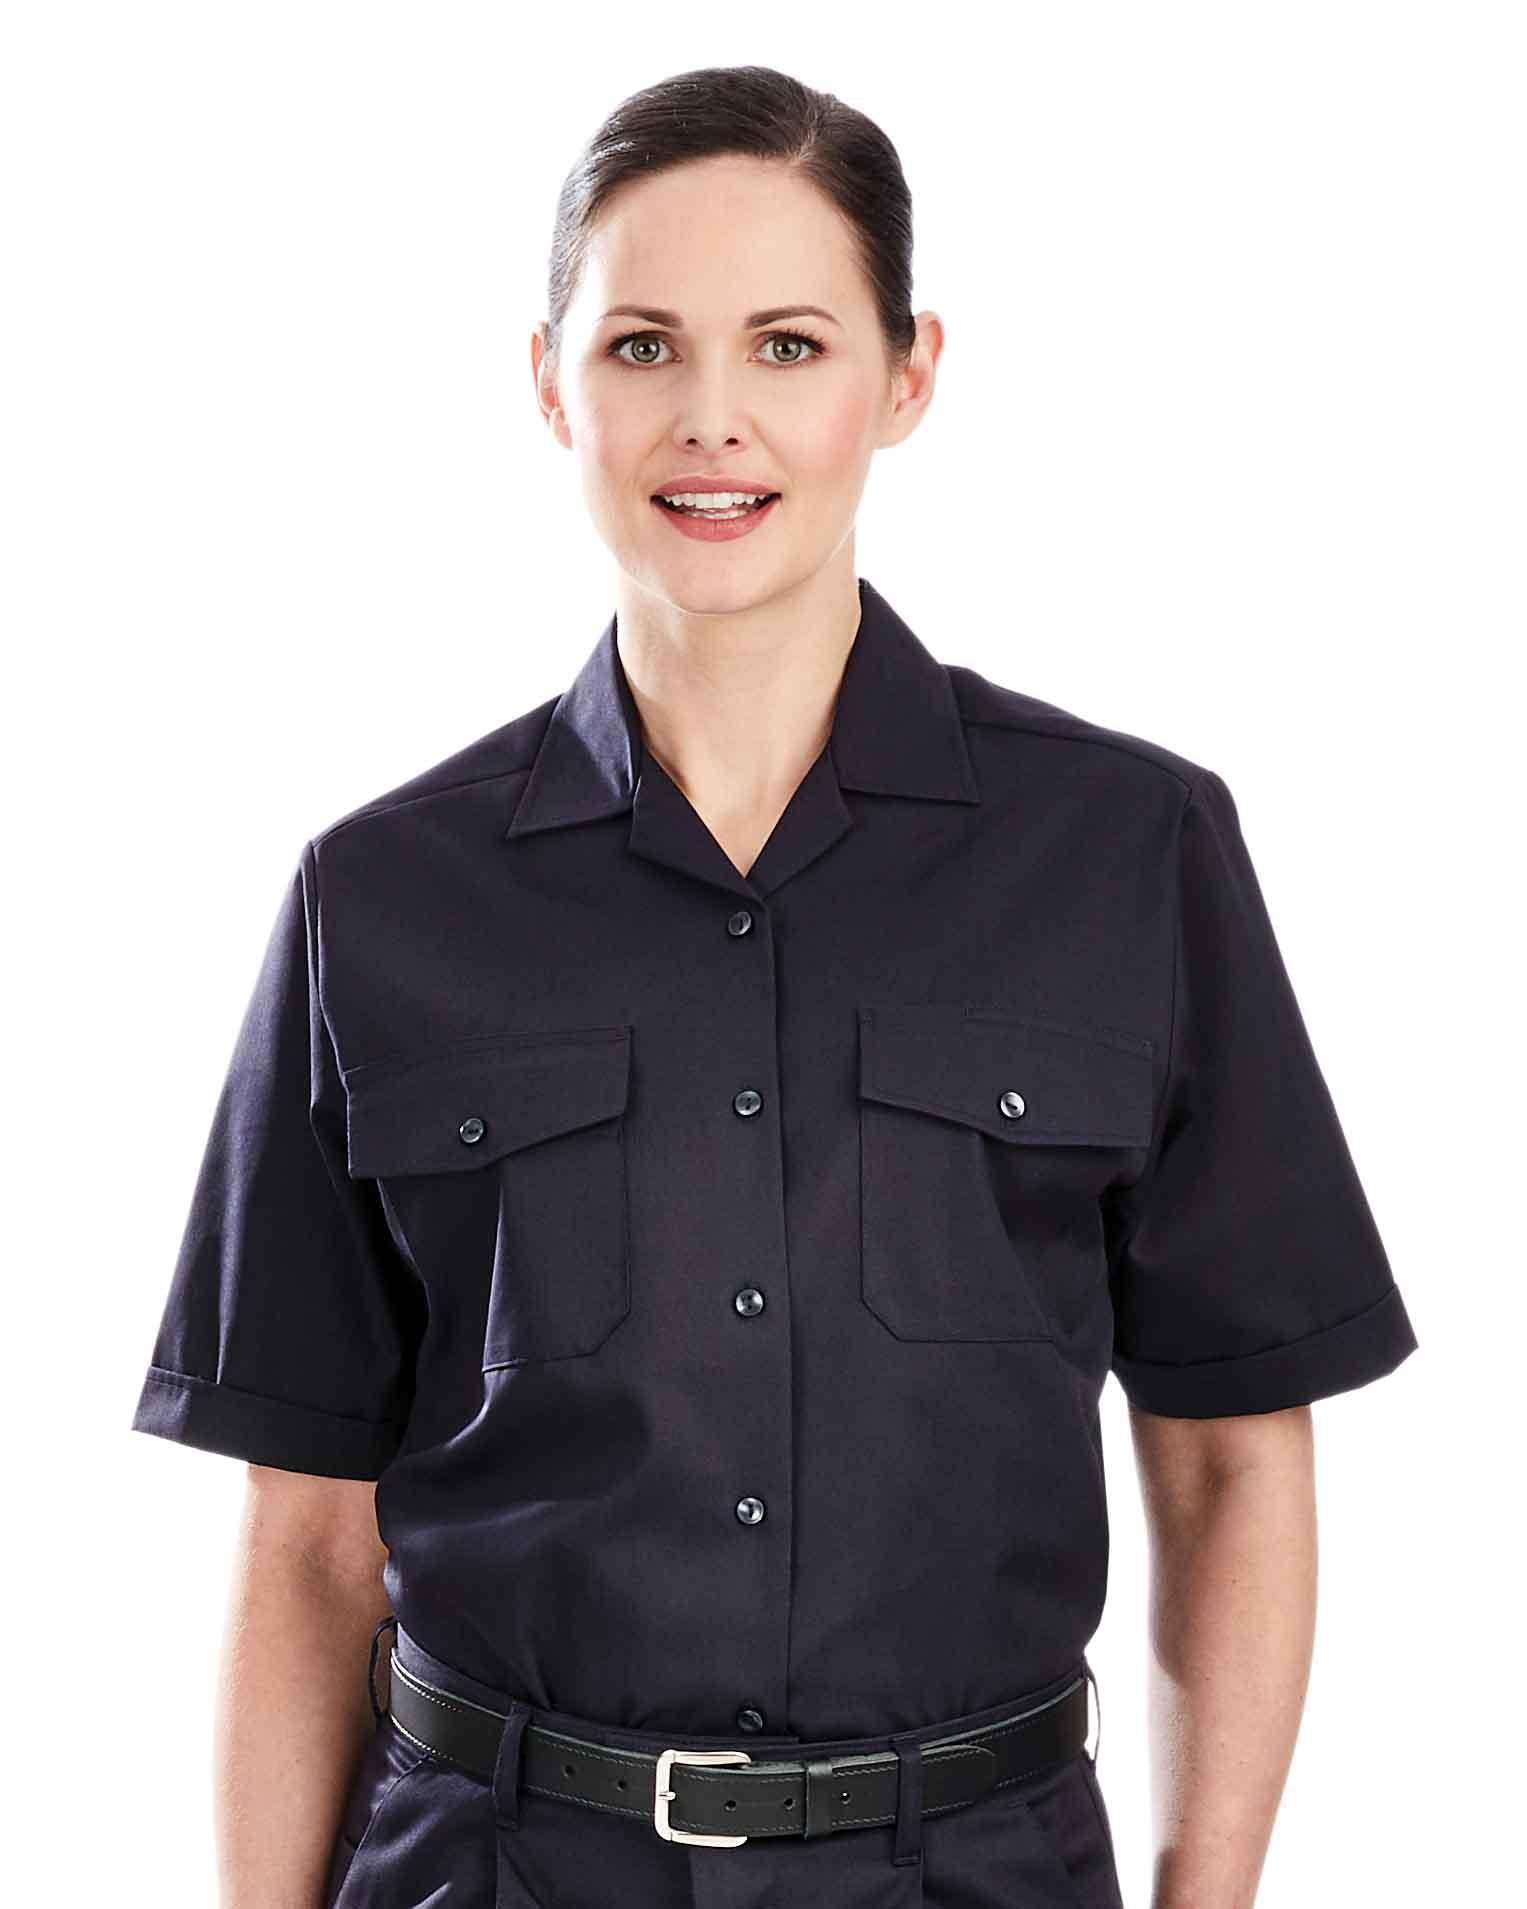 Women's Lightweight Short Sleeve Fire Shirt